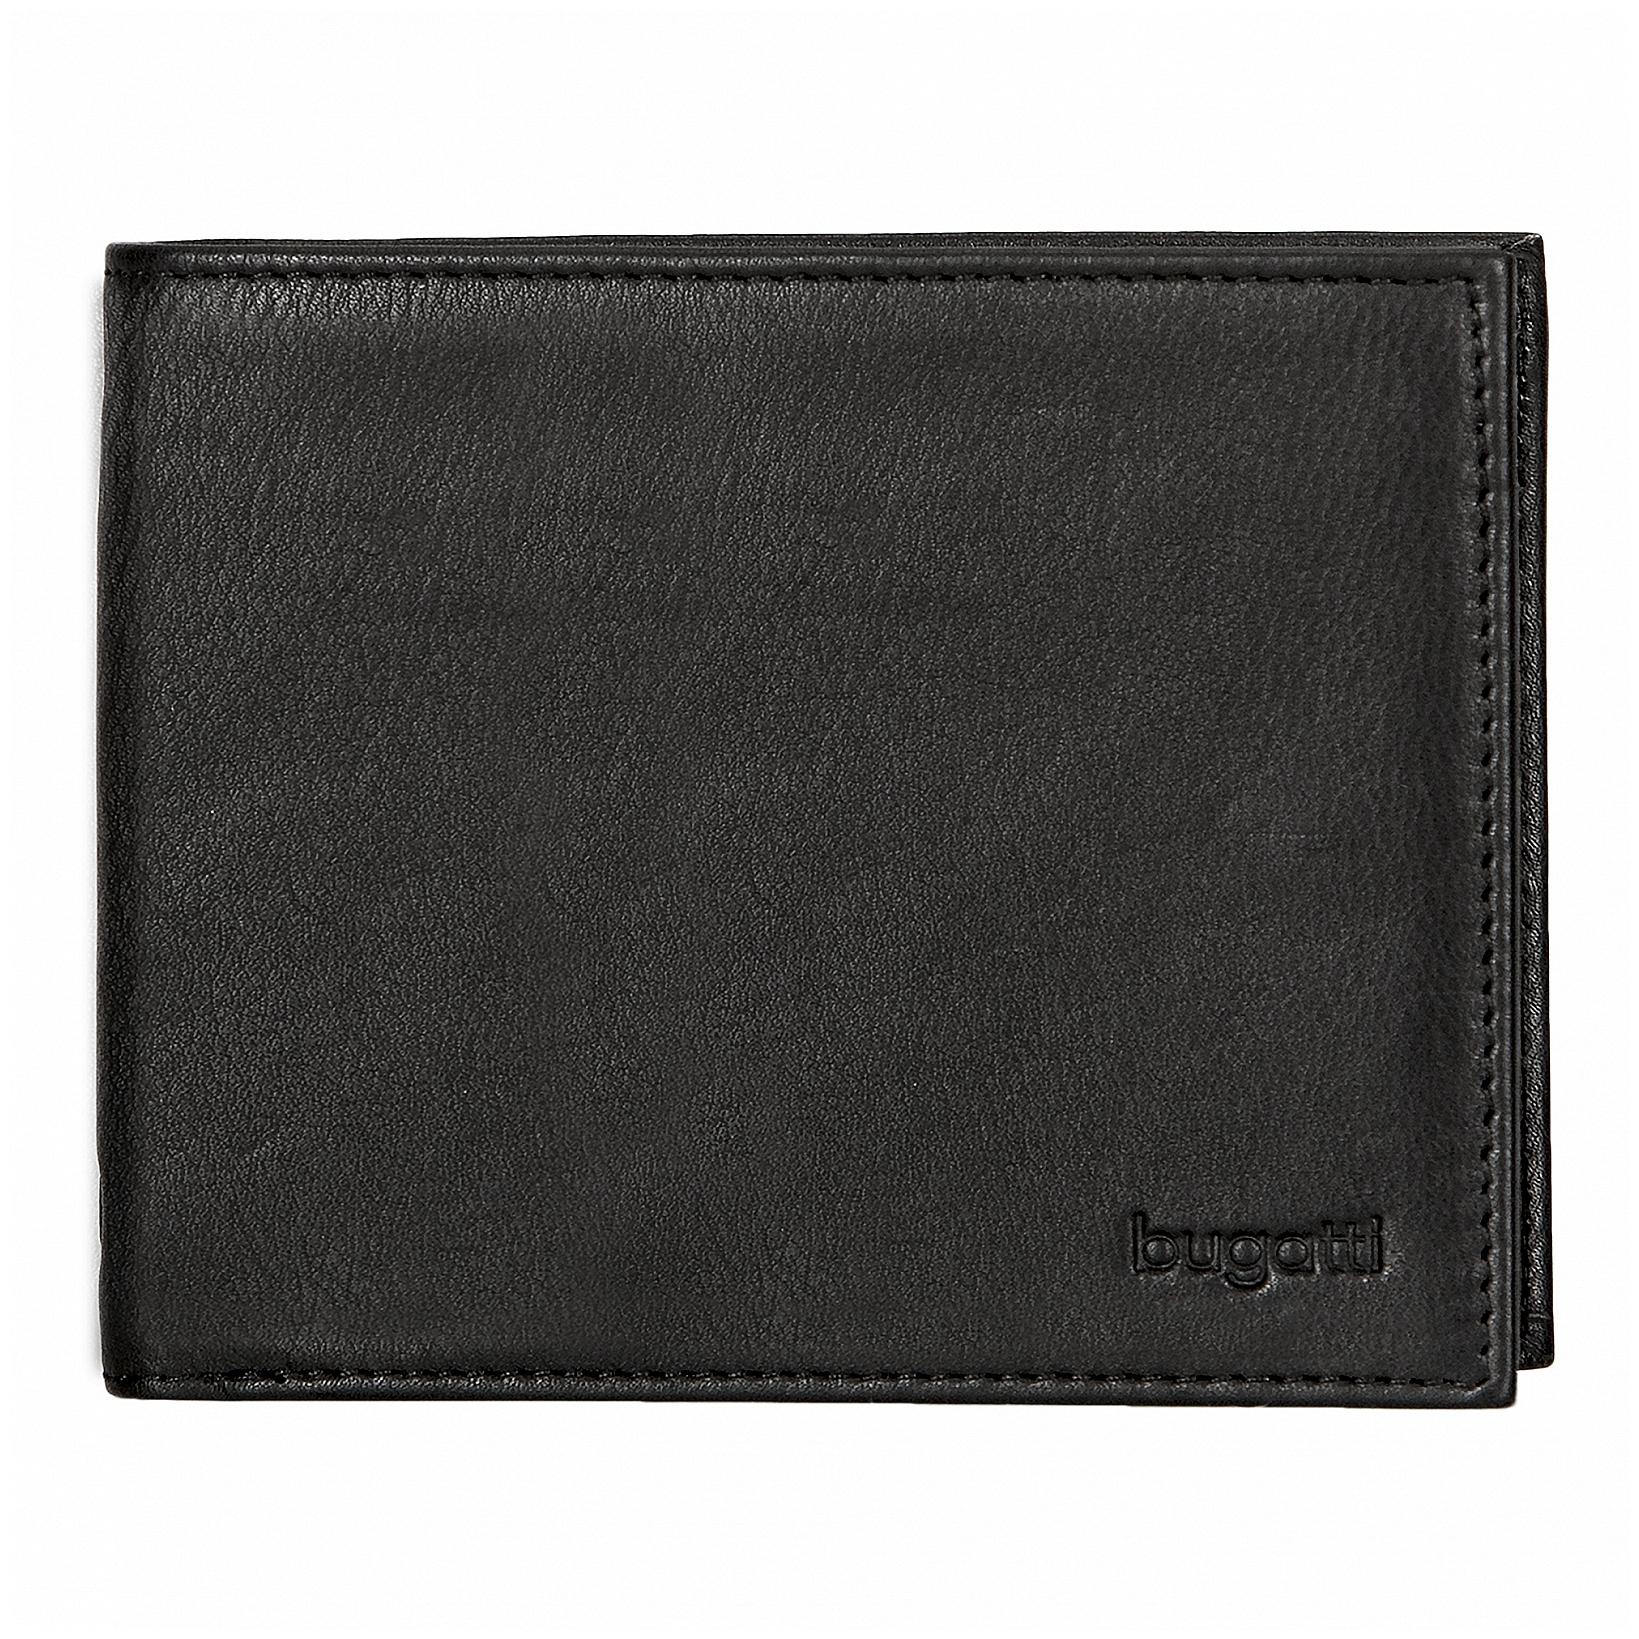 Bugatti Pánská kožená peněženka SEMPRE 49117801 černá